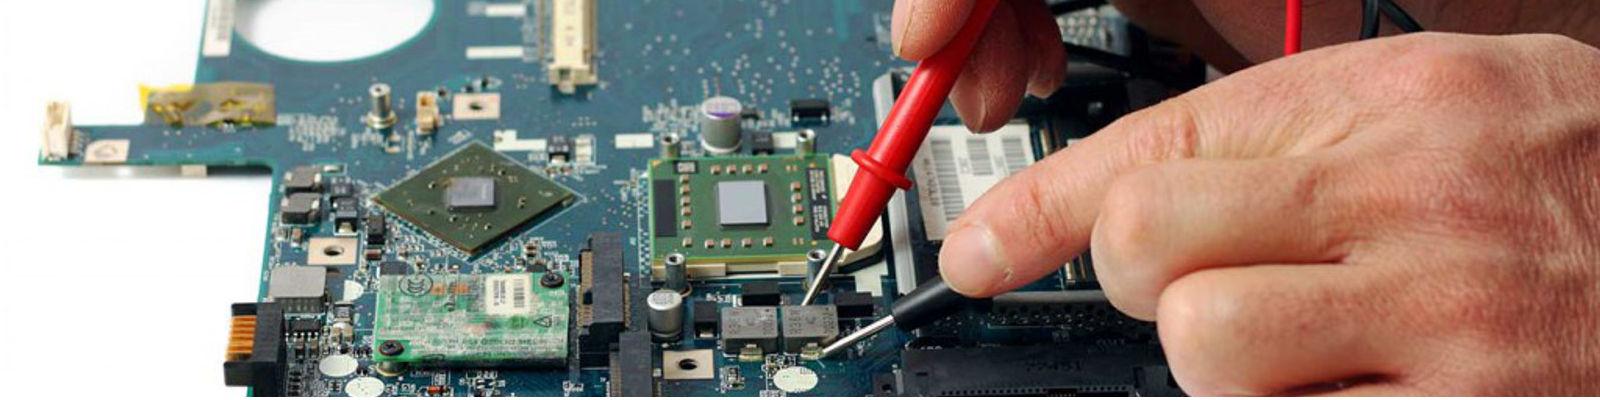 Reparation connecteur sur carte mère